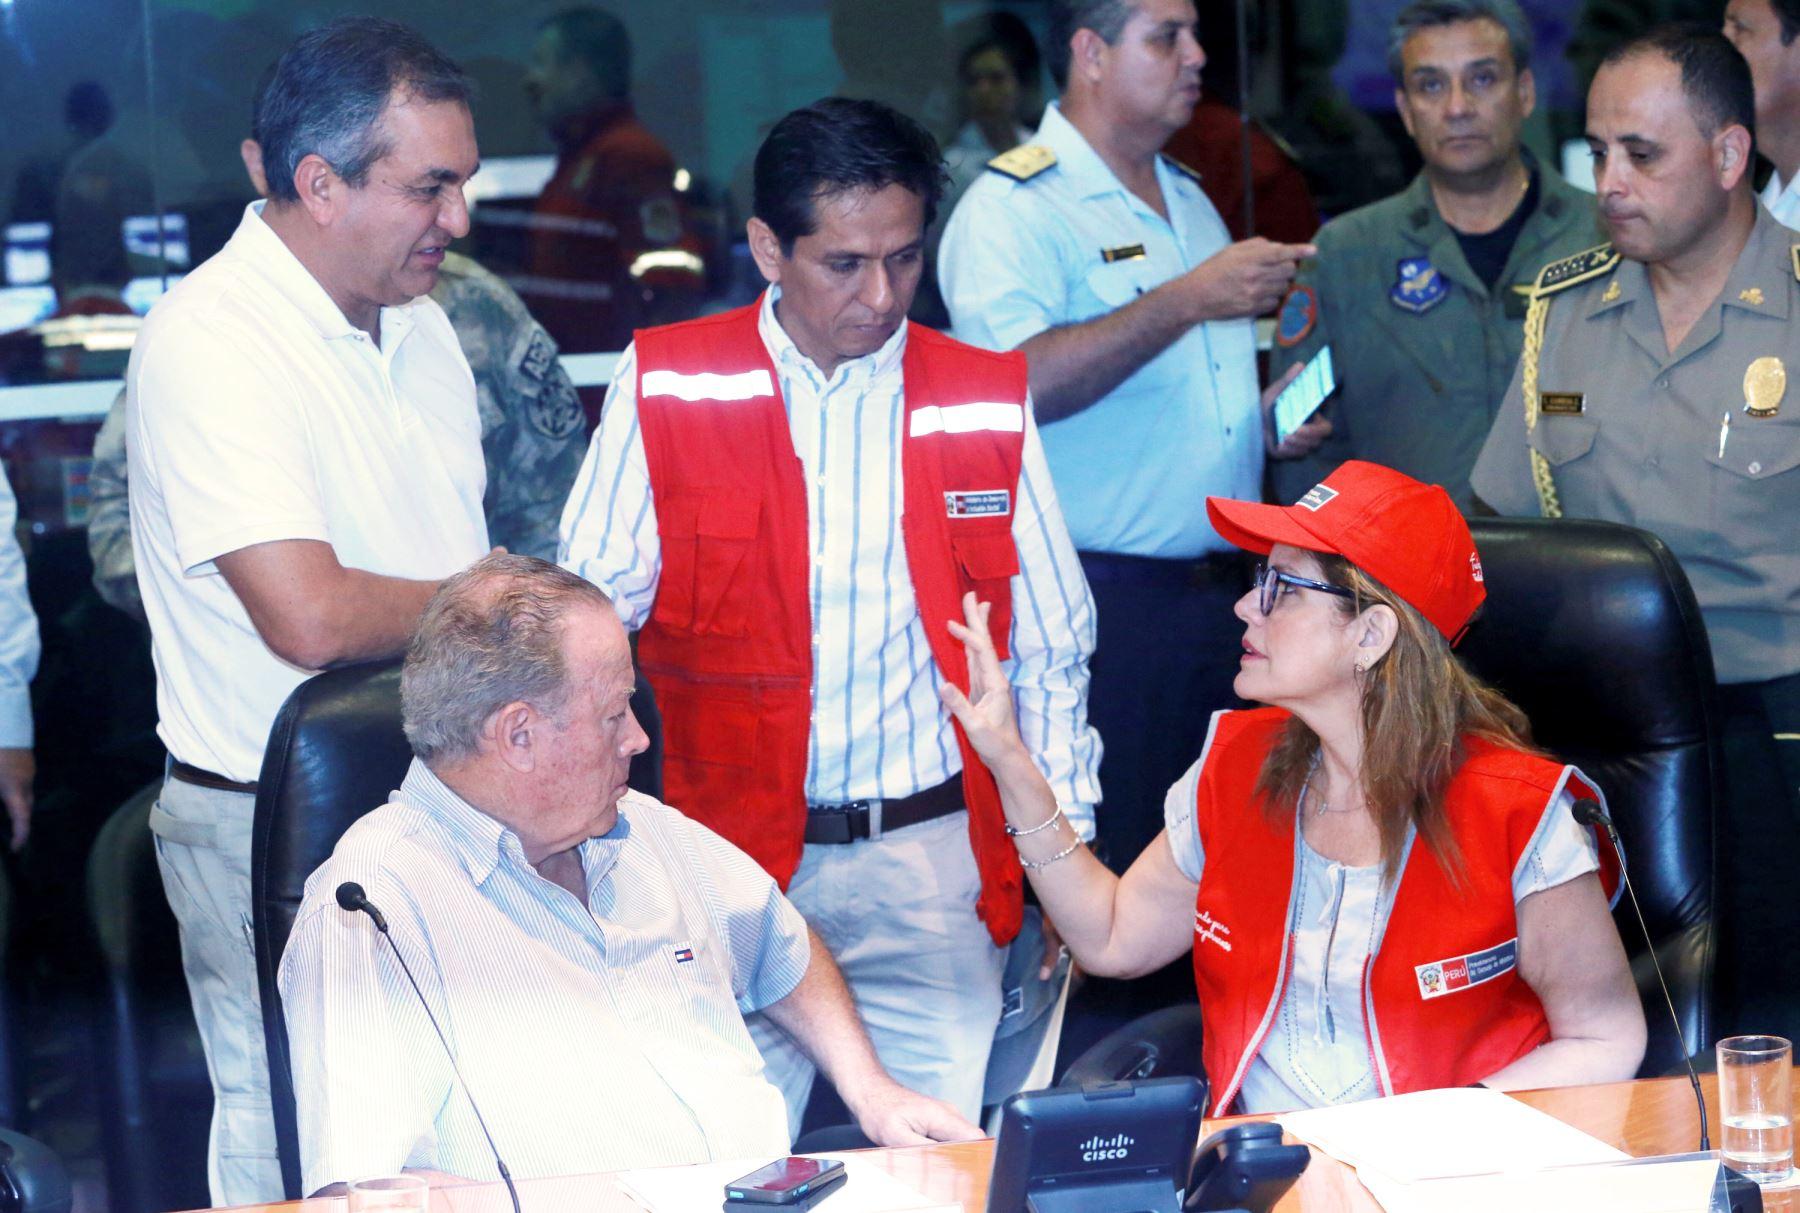 Ministros coordinan acciones para afrontar la emergencia presentada en el sur del país, tras el sismo de esta madrugada.Foto: ANDINA/Norman Córdova